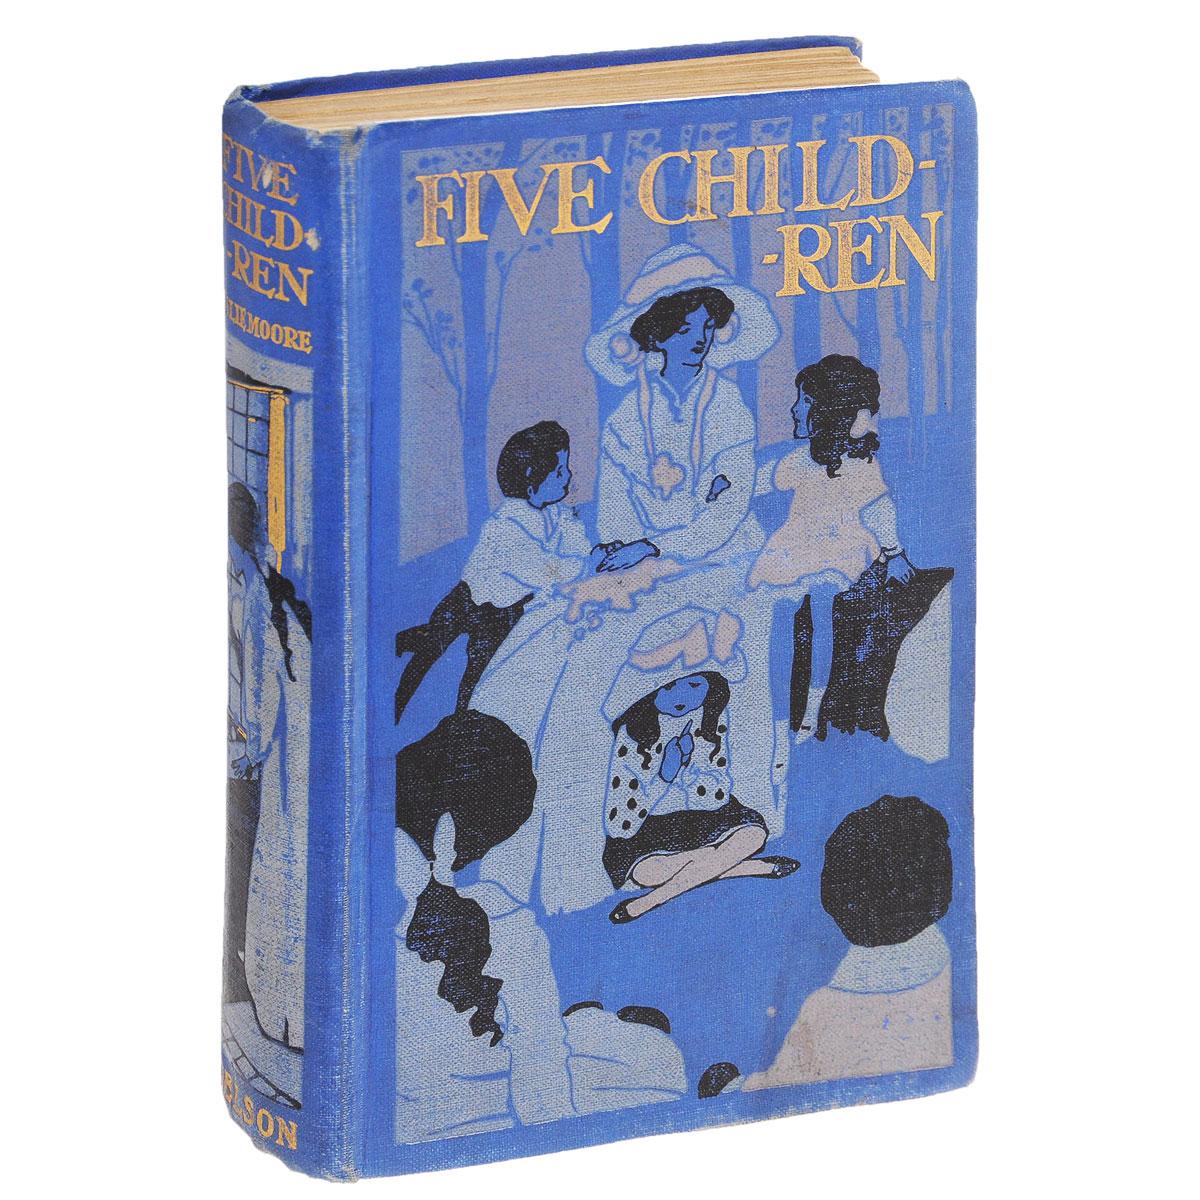 Five Children and Their Adventures1Вашему вниманию представлено антикварное издание FIVE CHILDREN AND THEIR ADVENTURES 1910 года. Издательский переплет, хорошее состояние.